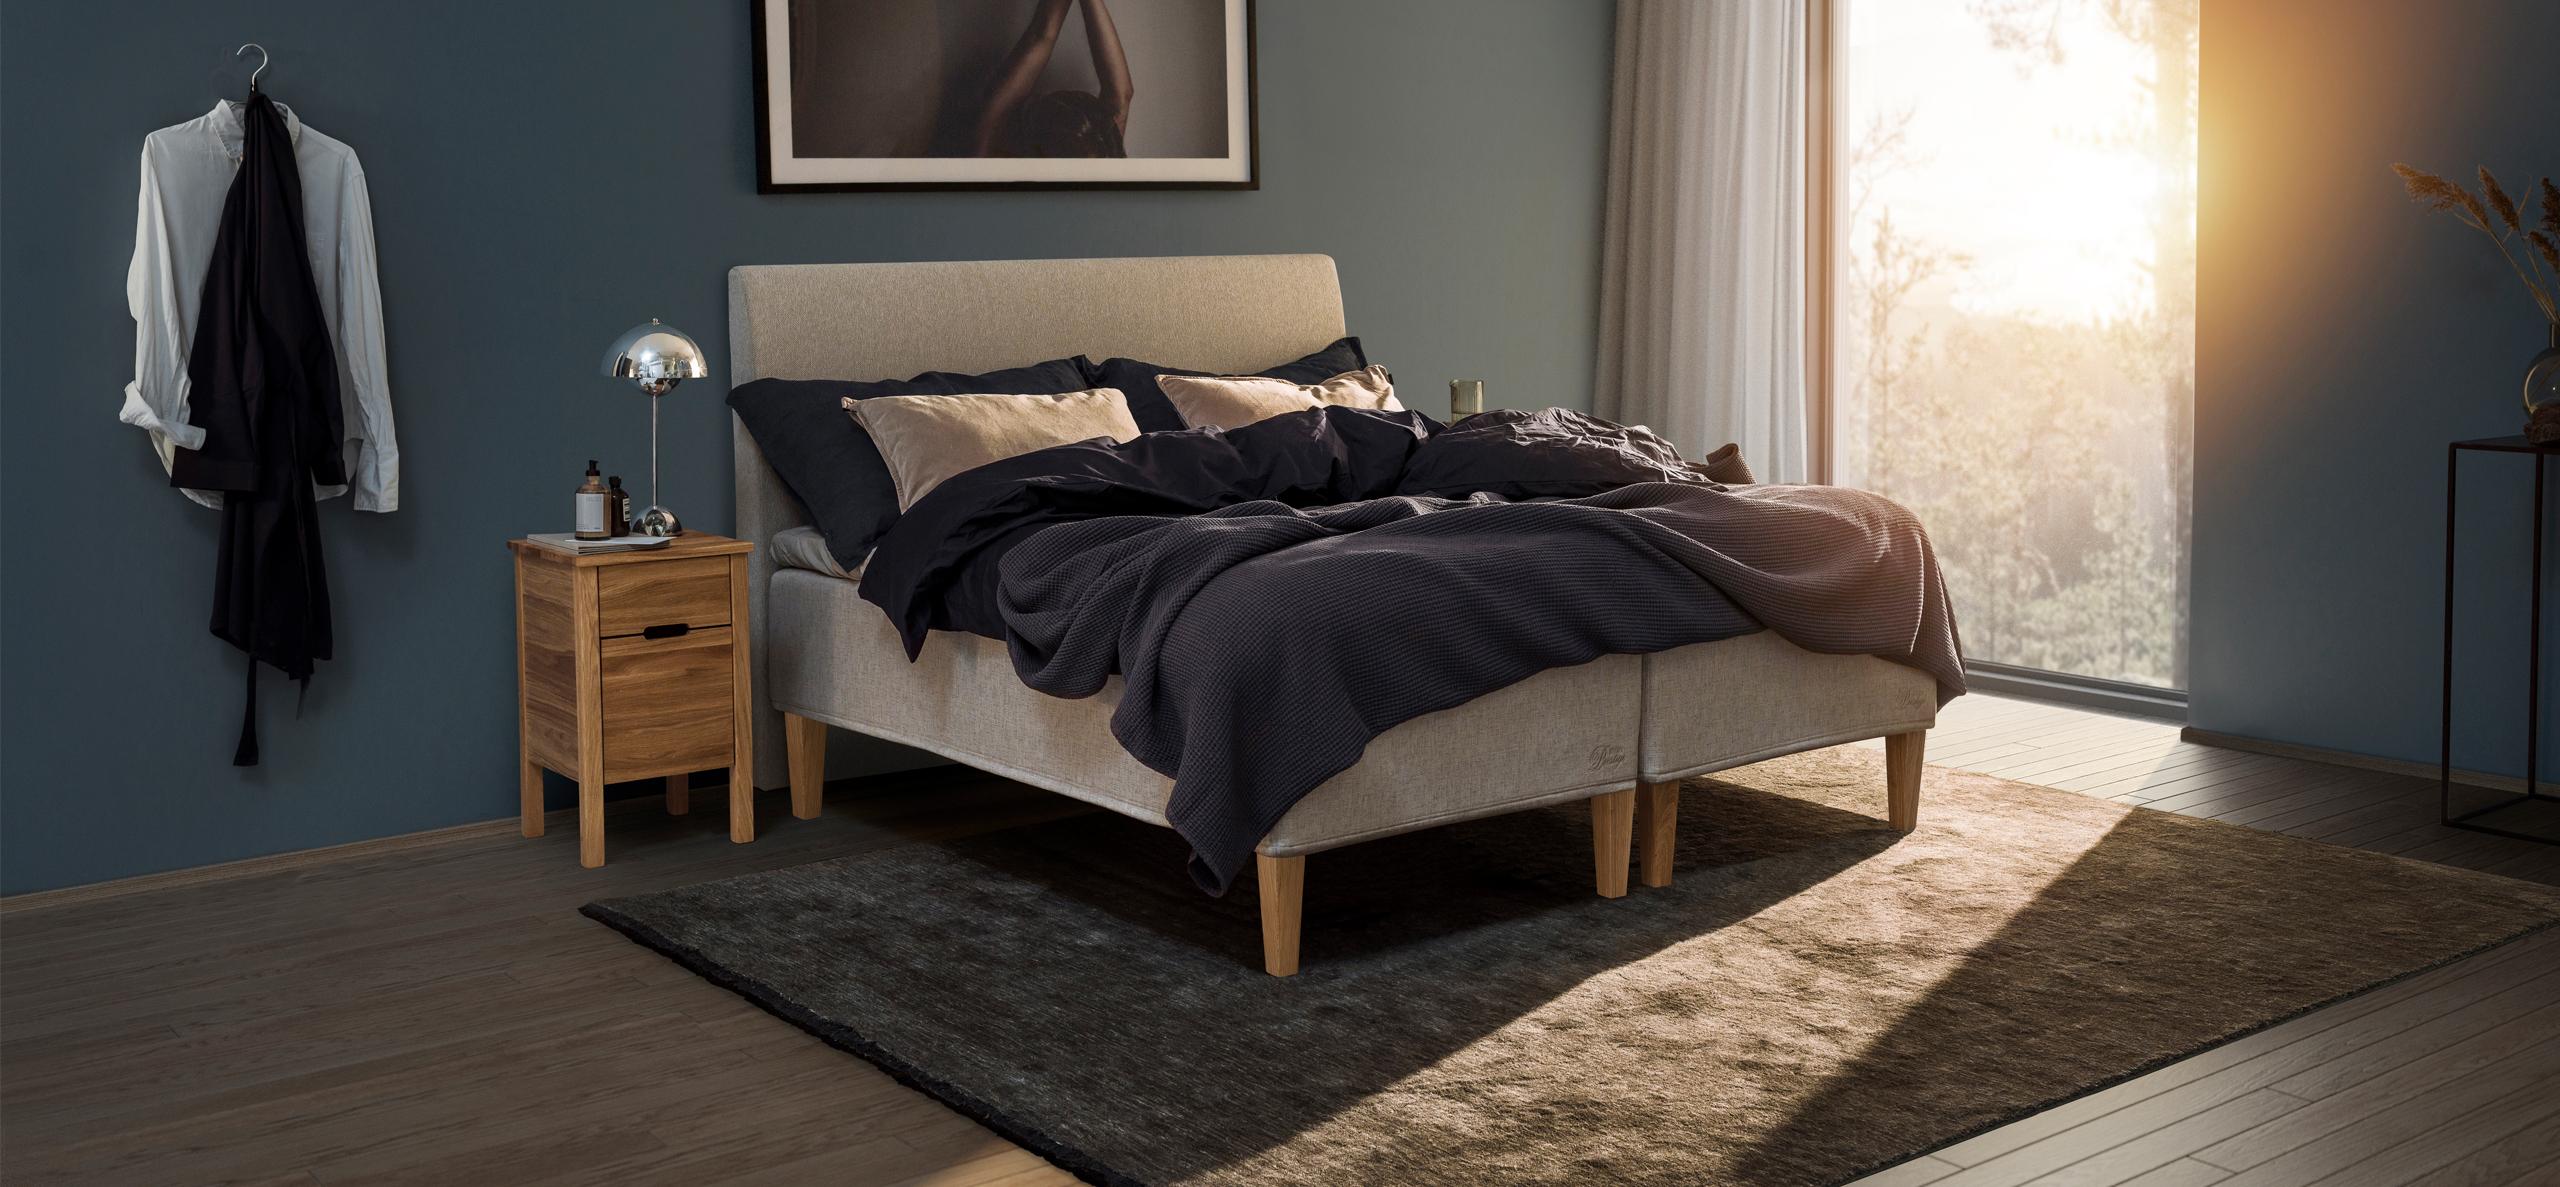 Full Size of Betten Ikea 160x200 Stauraum Bett Jugendzimmer Billerbeck Poco Billige Weiß 100x200 Konfigurieren 140x200 Günstig Kaufen Ausklappbar Fenster In Polen Wohnzimmer Jensen Bett Kaufen